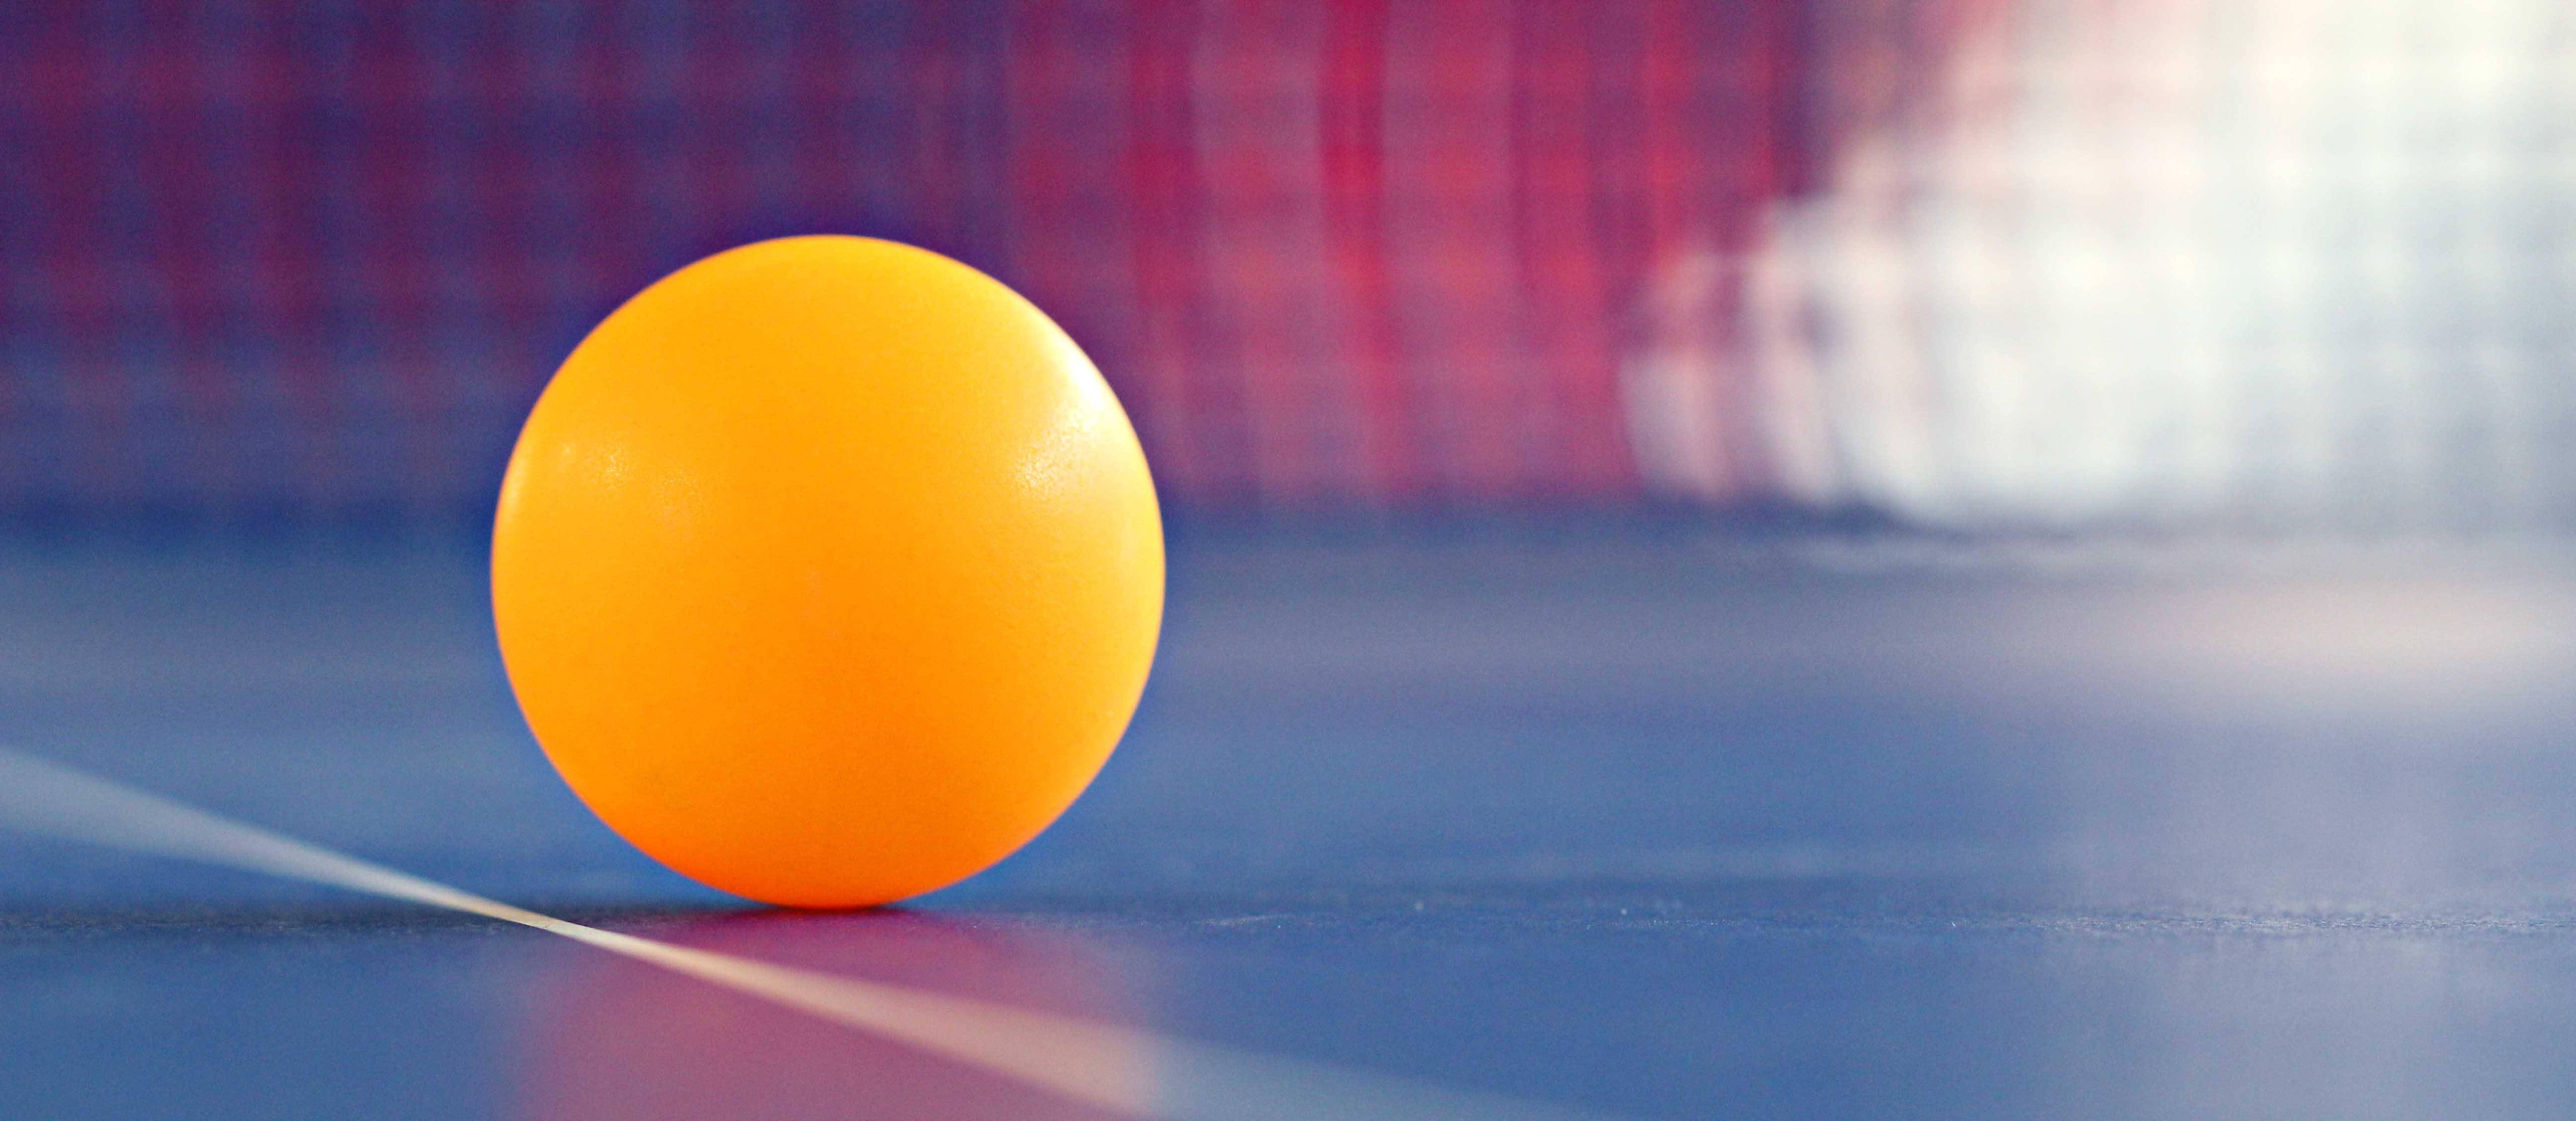 Association tennis de table lasallois a t t l mairie - Tennis de table poitou charente ...